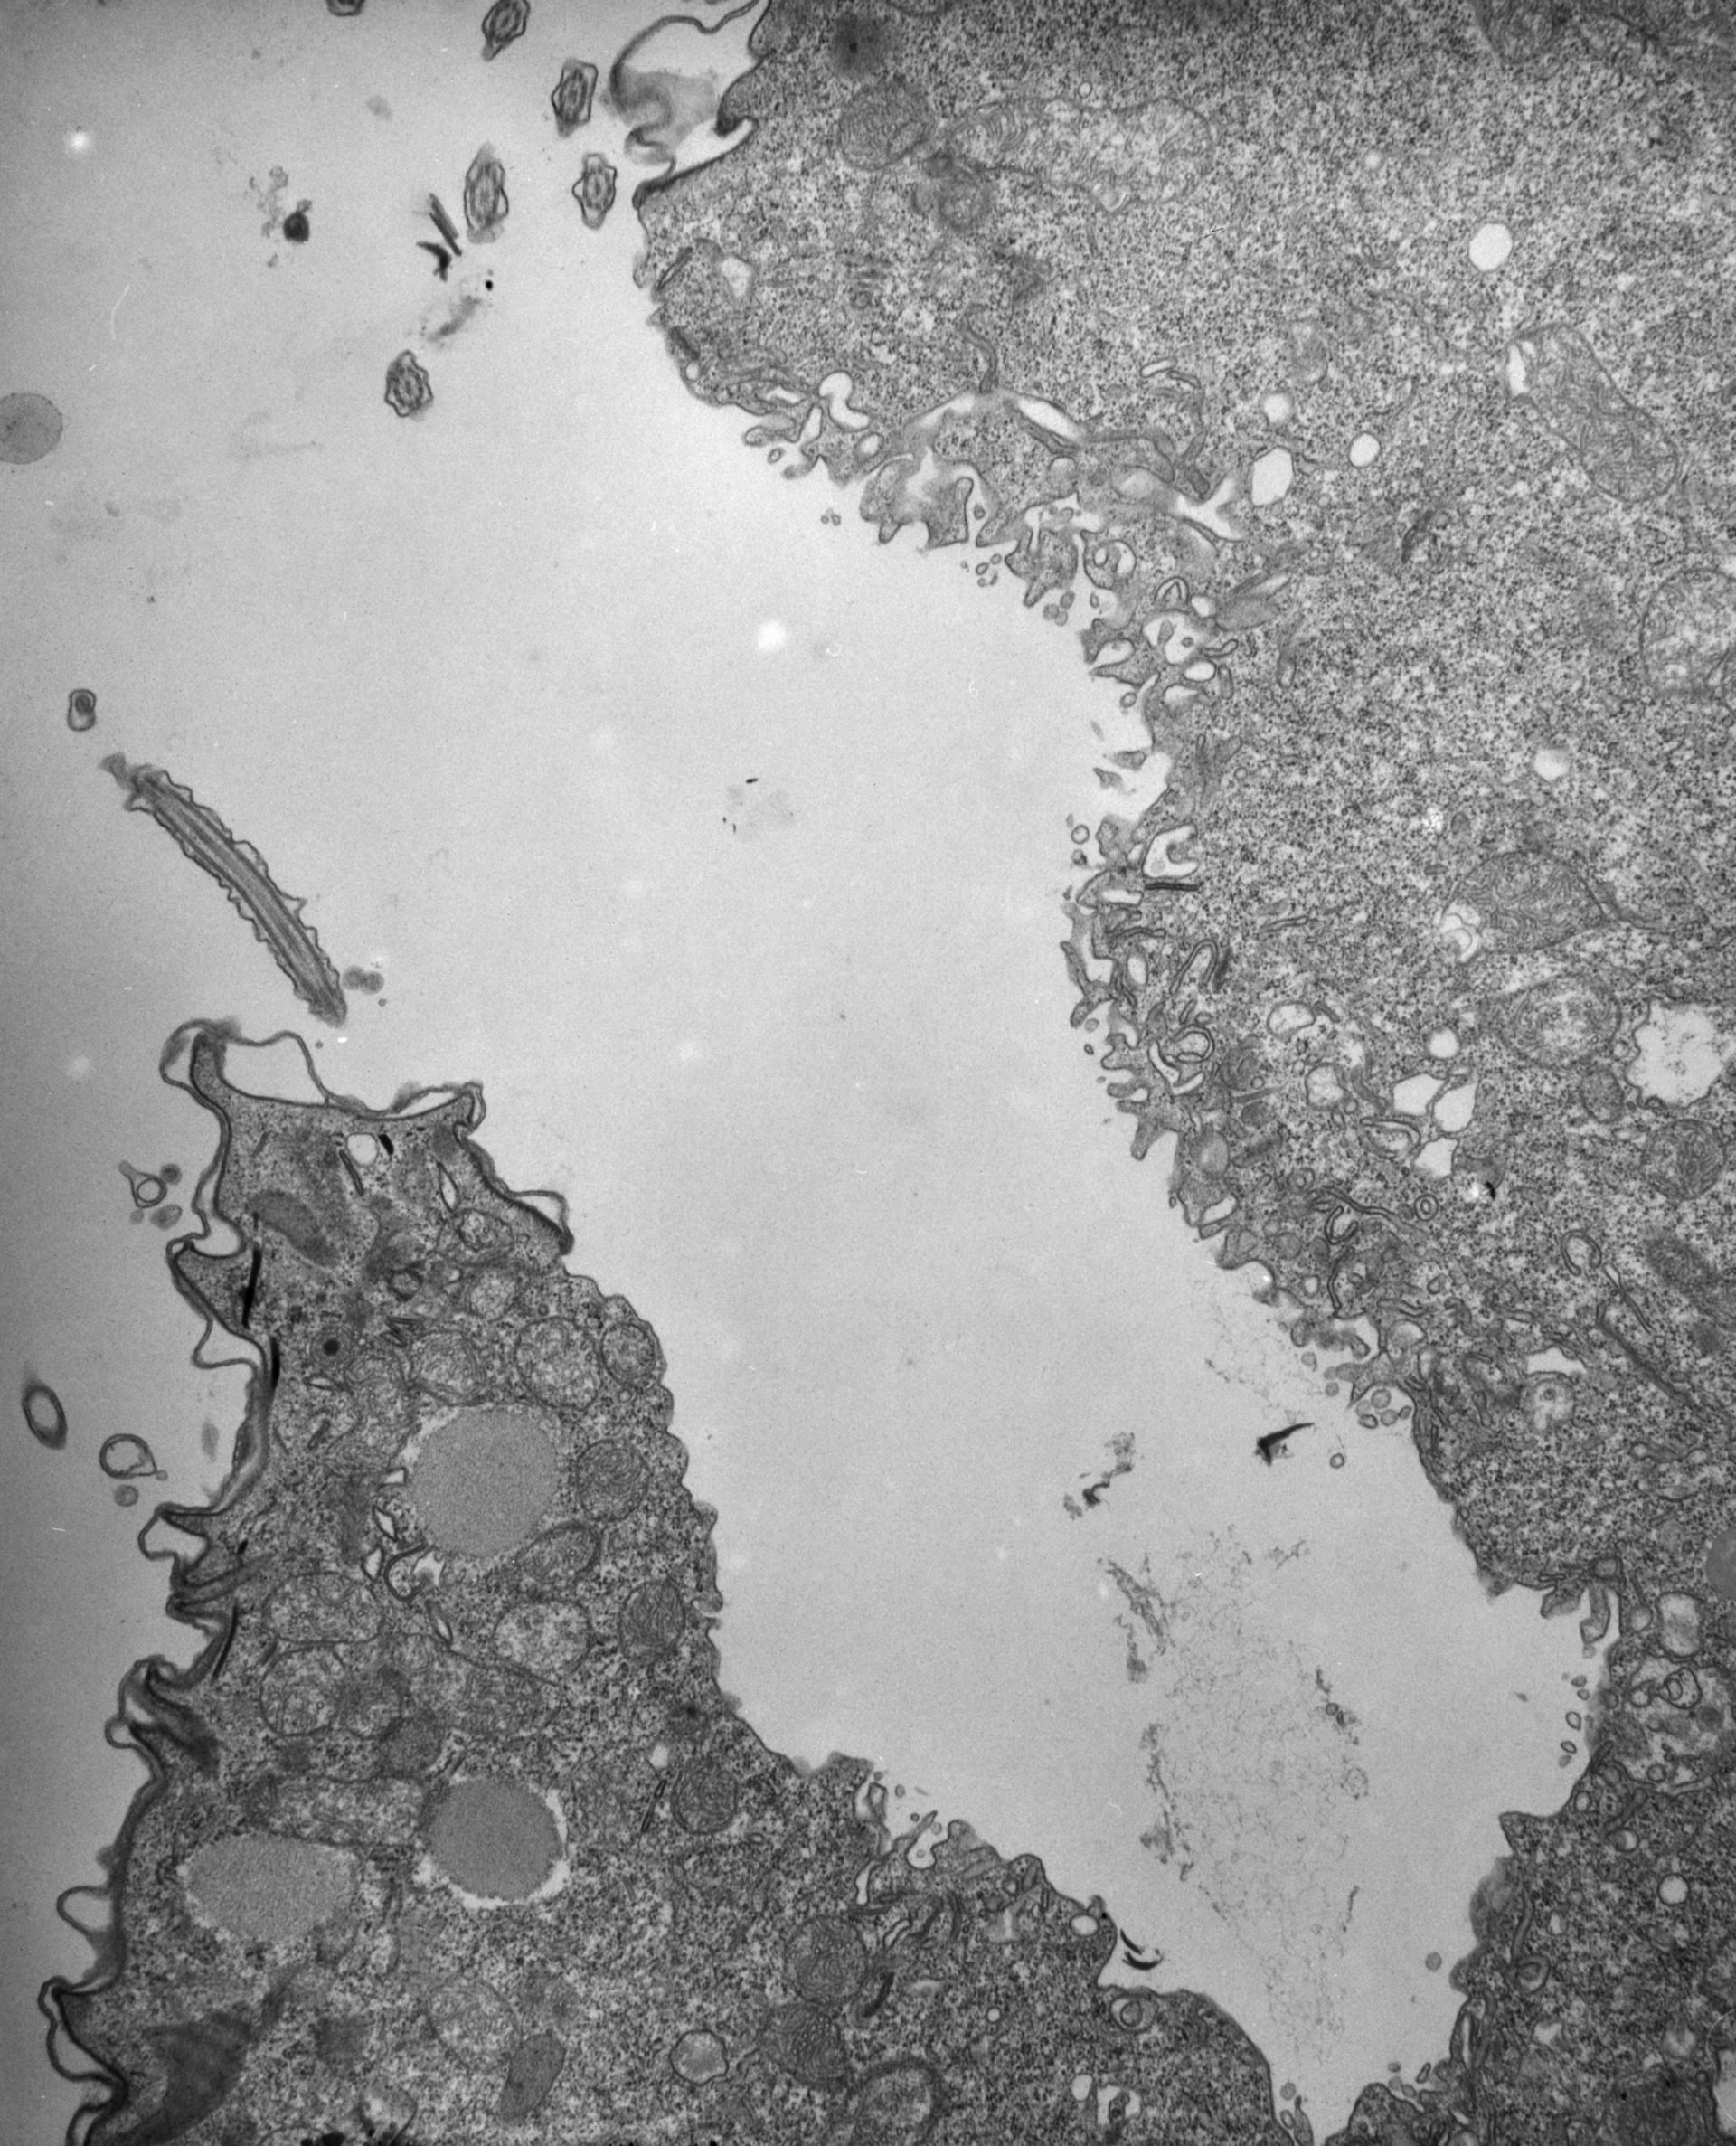 Paramecium multimicronucleatum (citoplasma) - CIL:12344